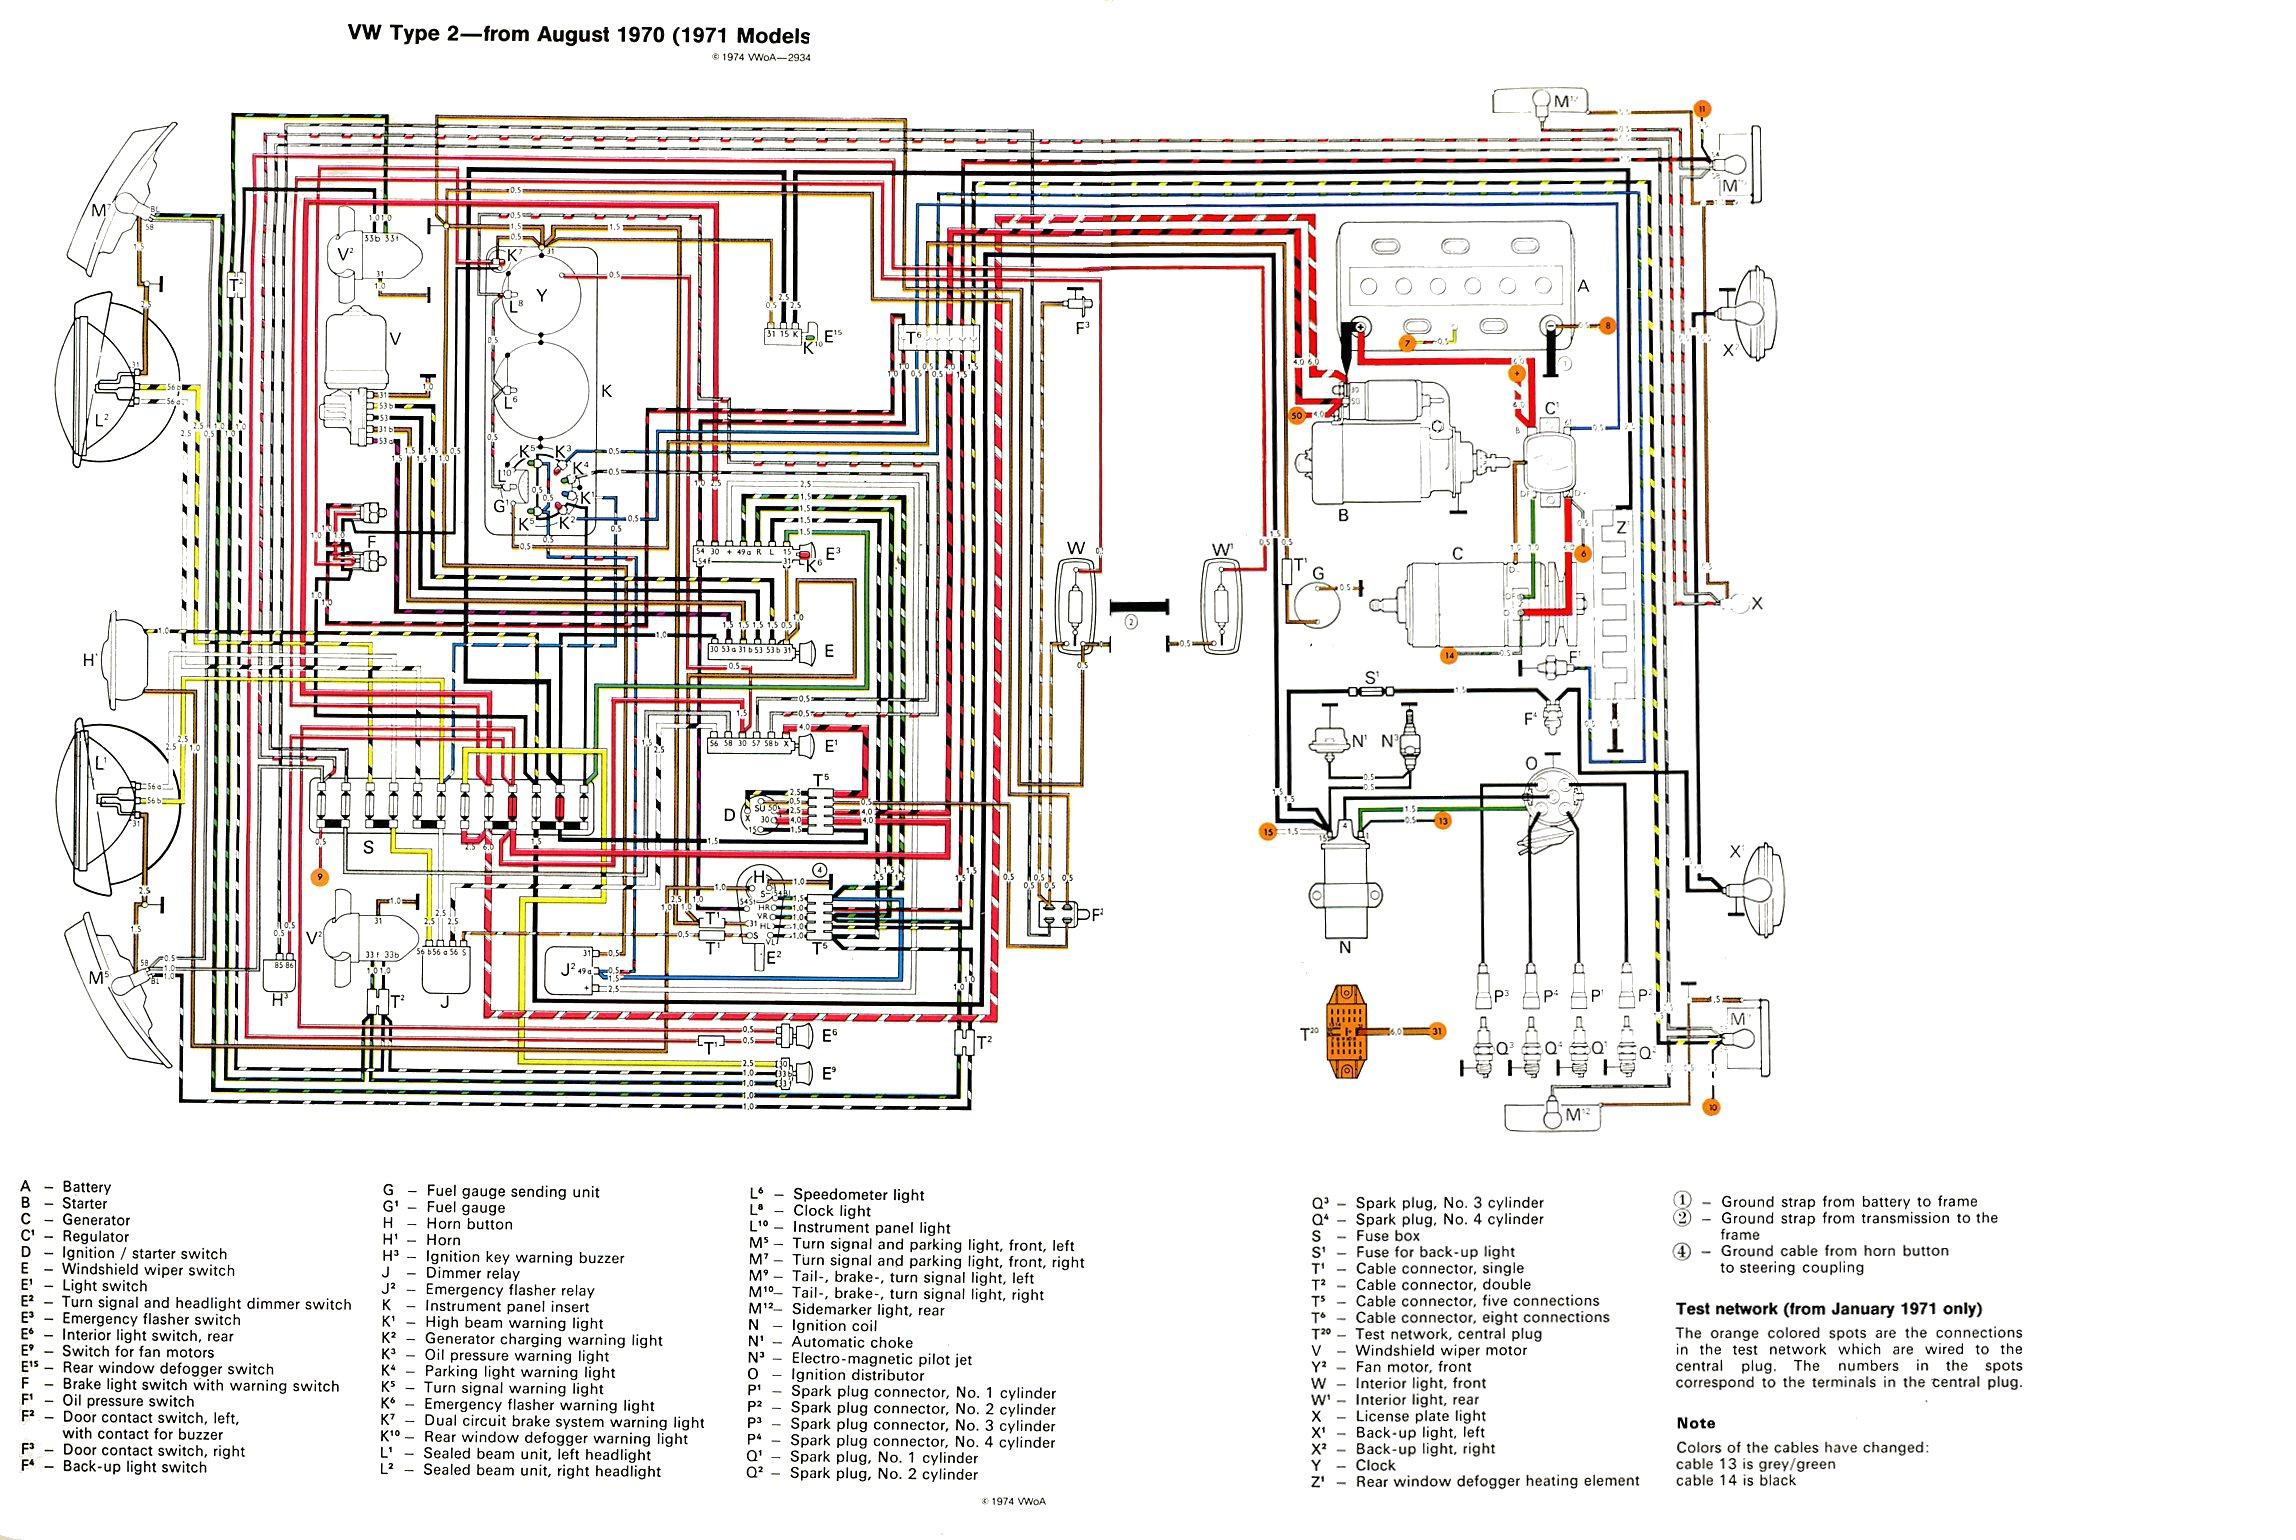 vw bus manuals pdf \u0026 wiring diagrams bus \u0026 coach manuals mk2 golf fuse box diagram vw bus manuals pdf & wiring diagrams